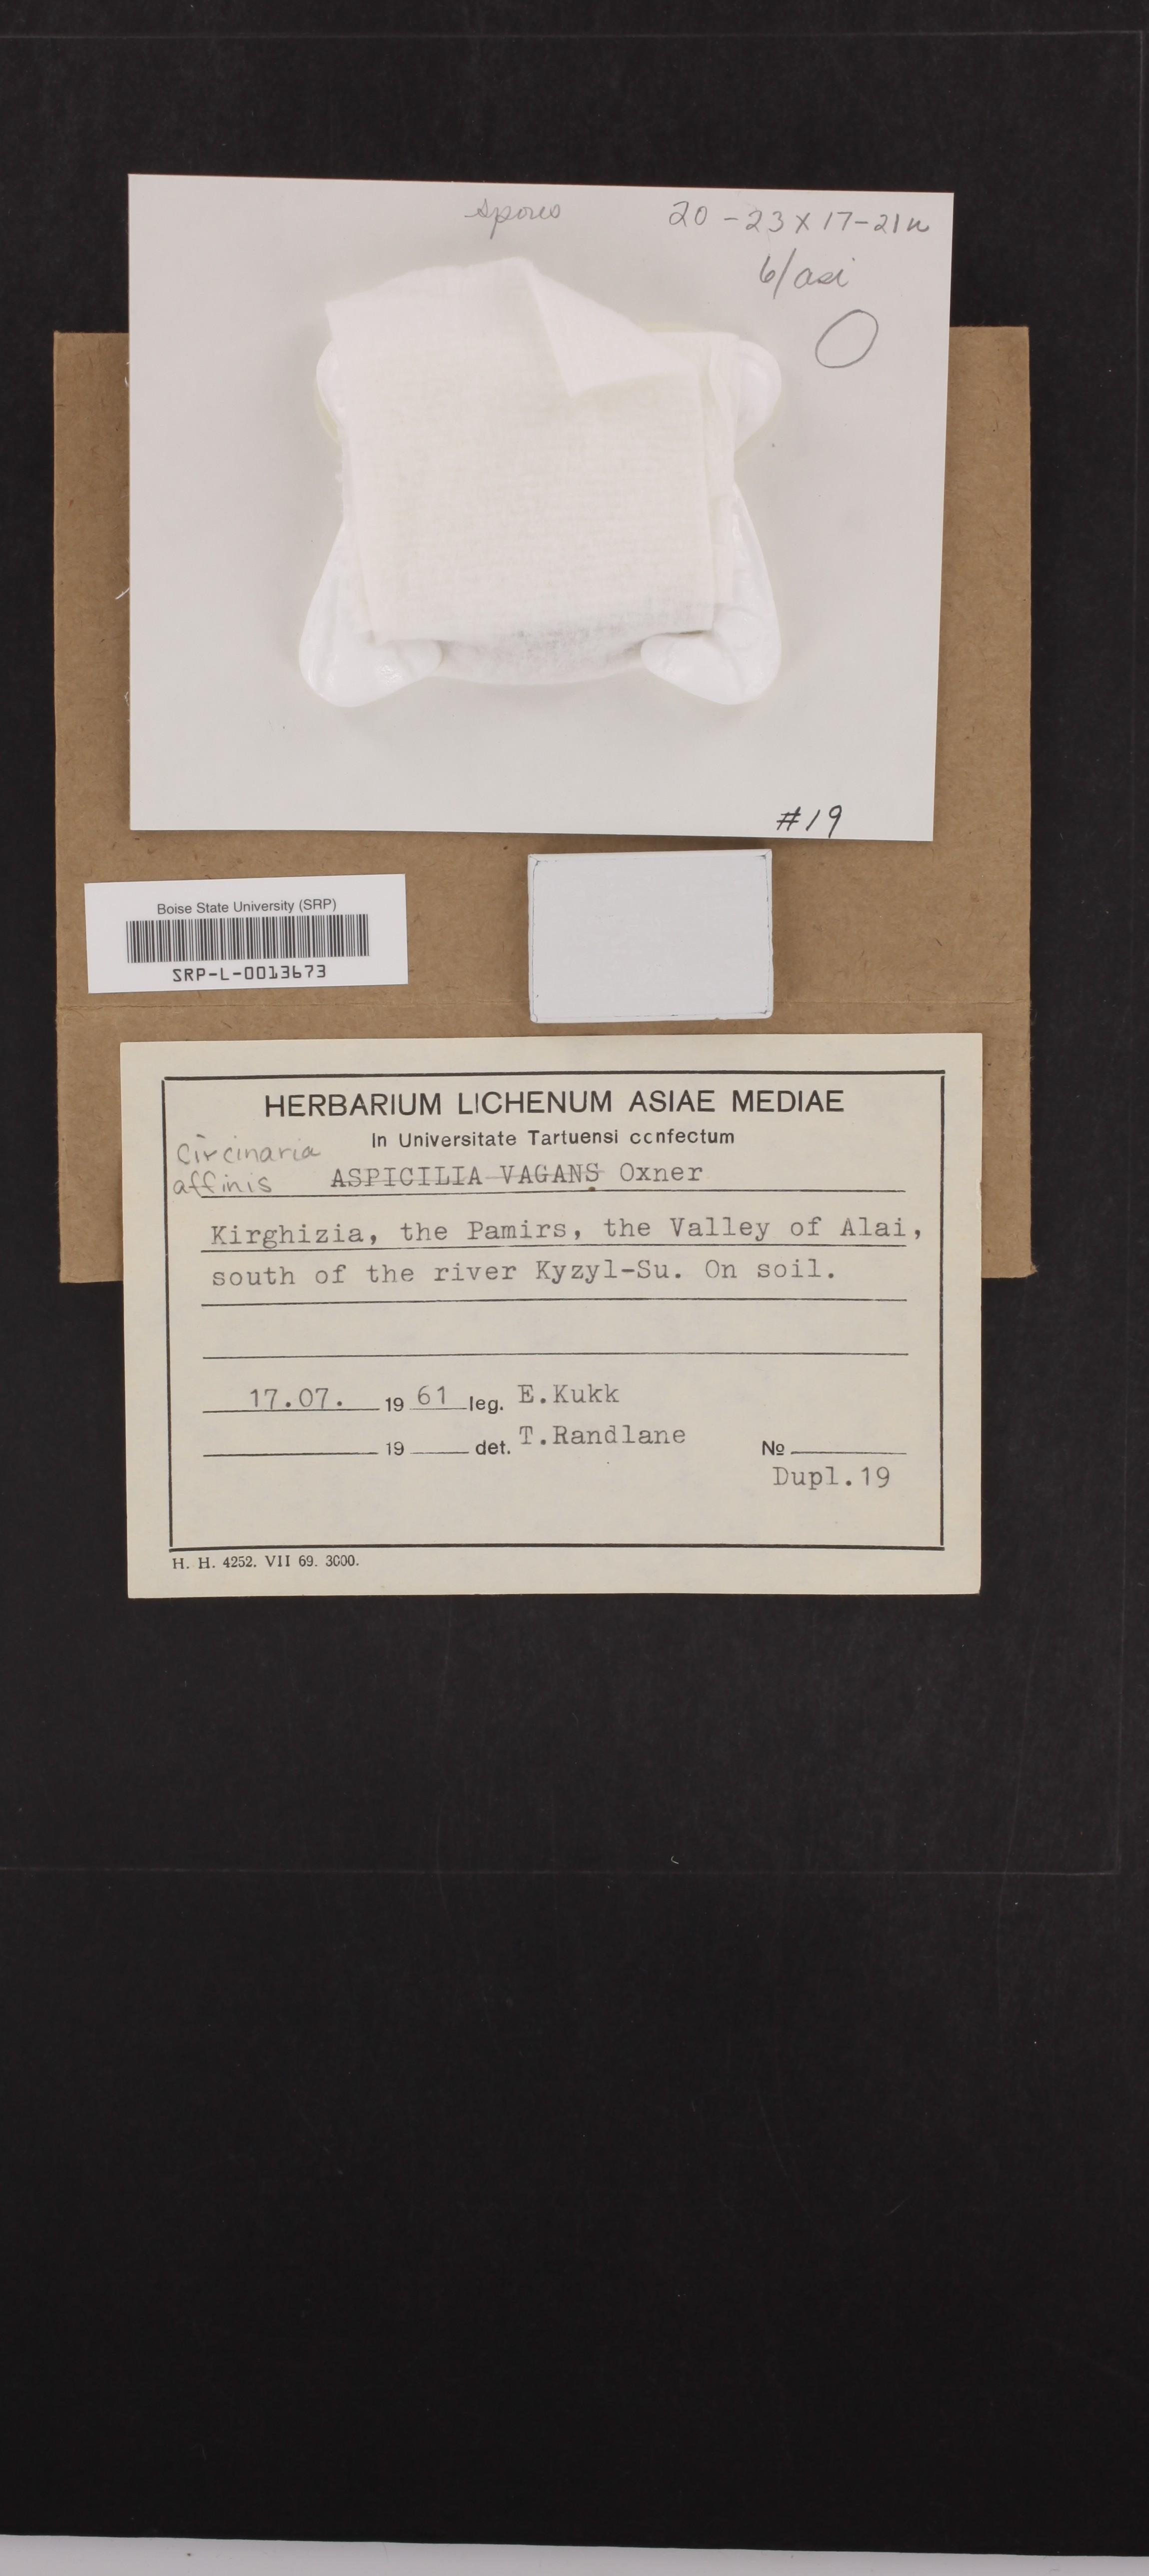 Circinaria affinis image